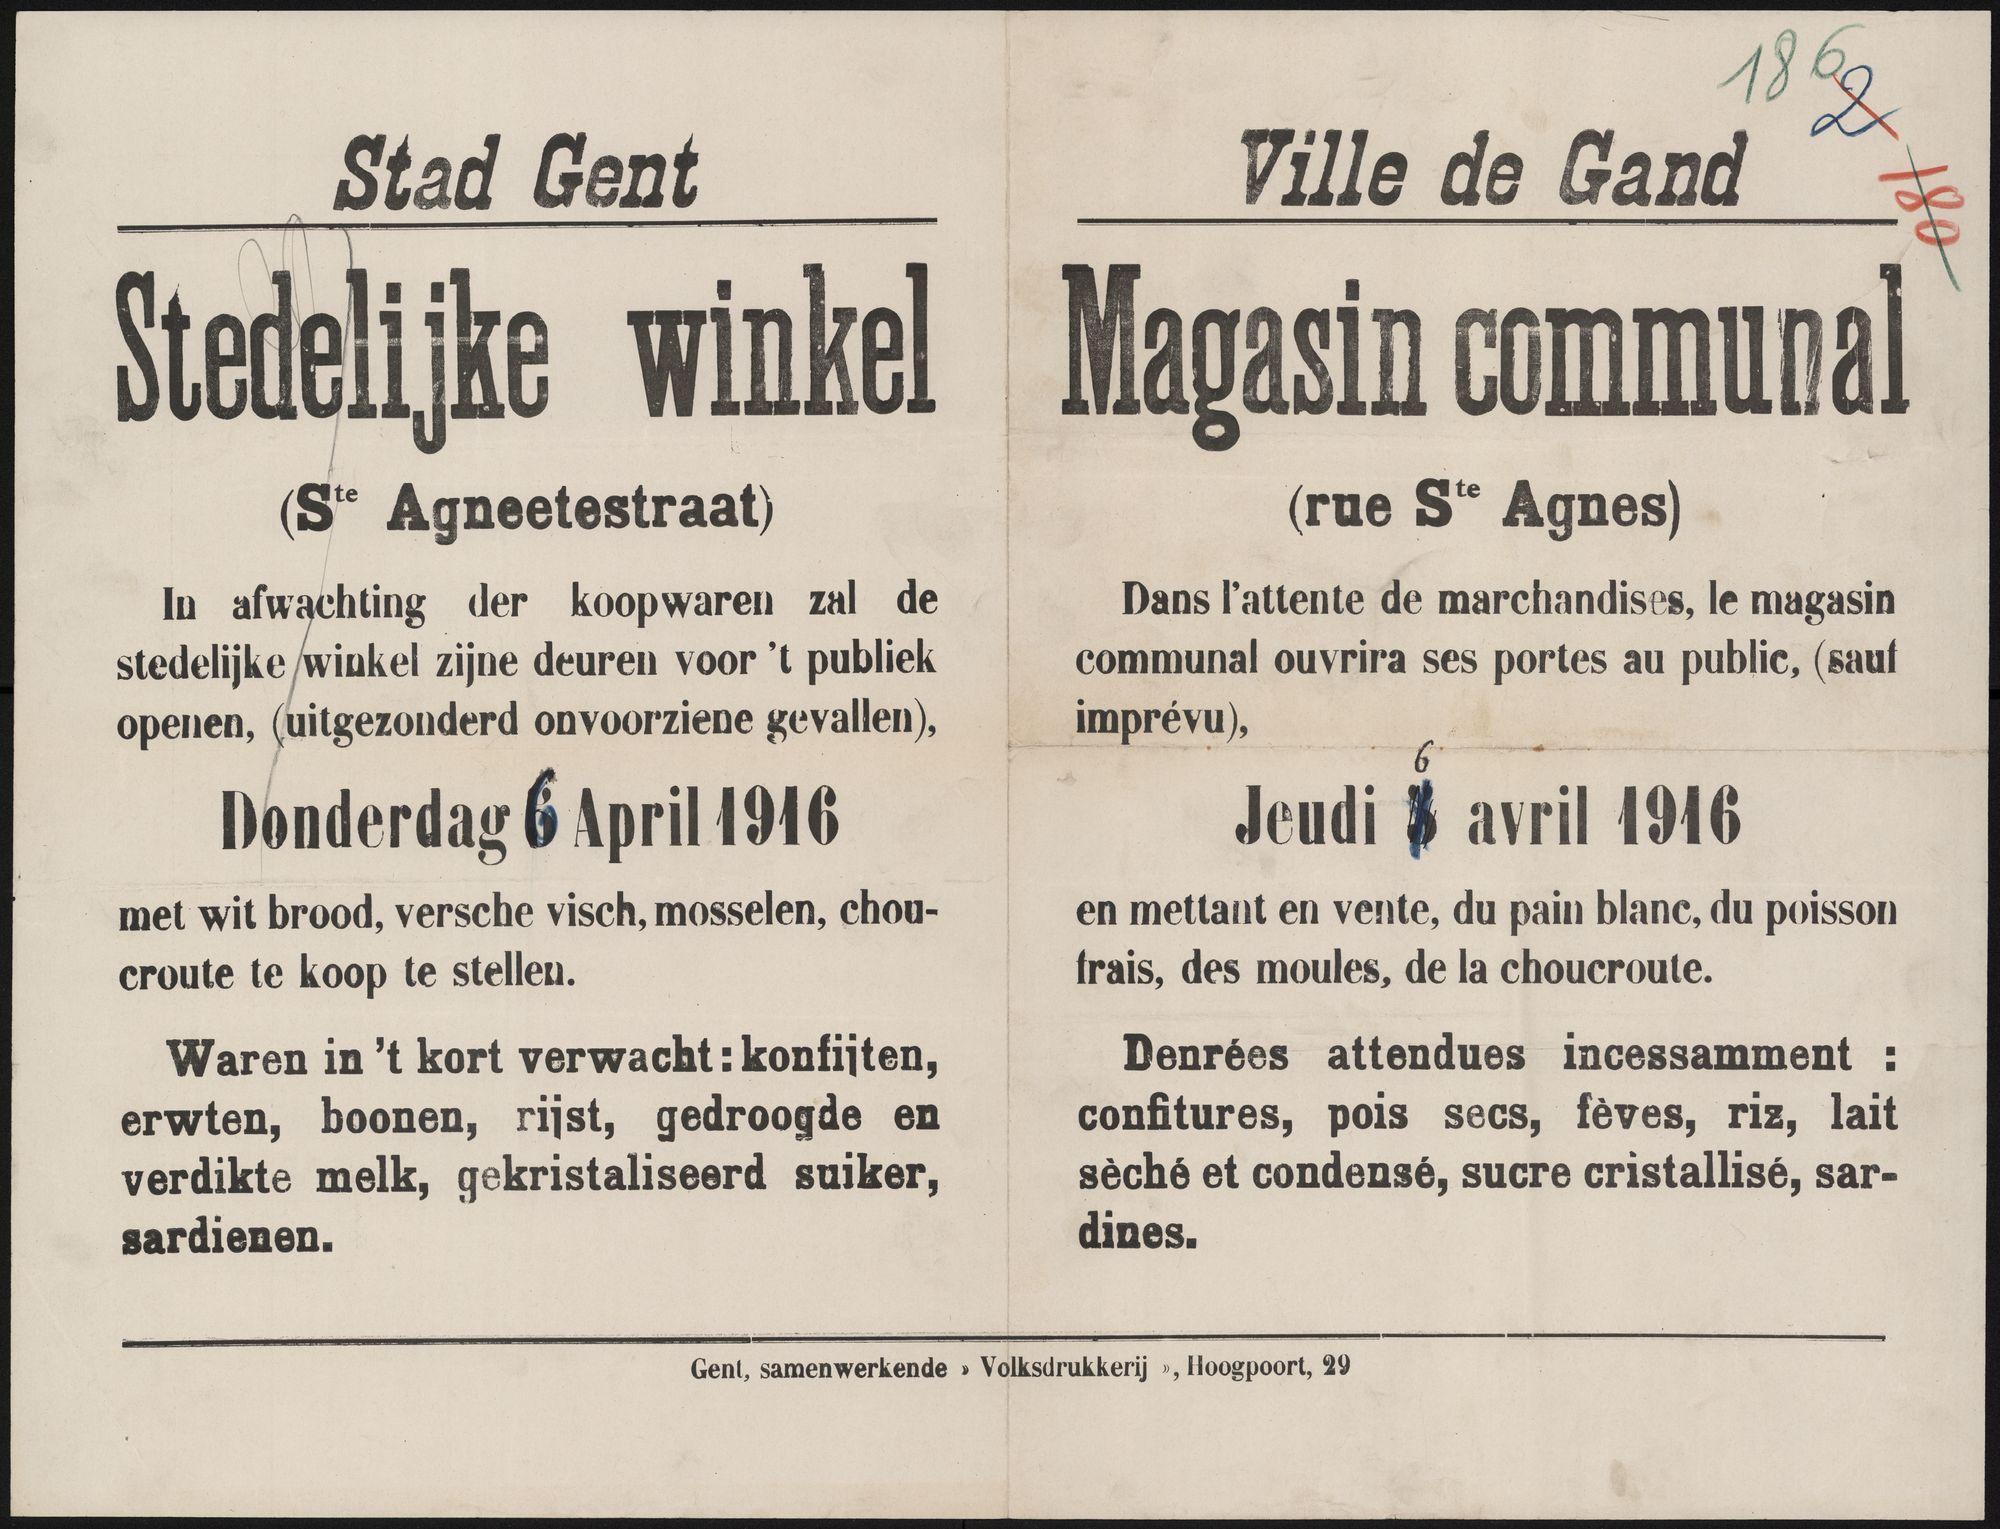 Stad Gent, Stedelijke winkel (Ste Agneetestraat)   Ville de Gand, Magasin communal (rue Ste Agnes).